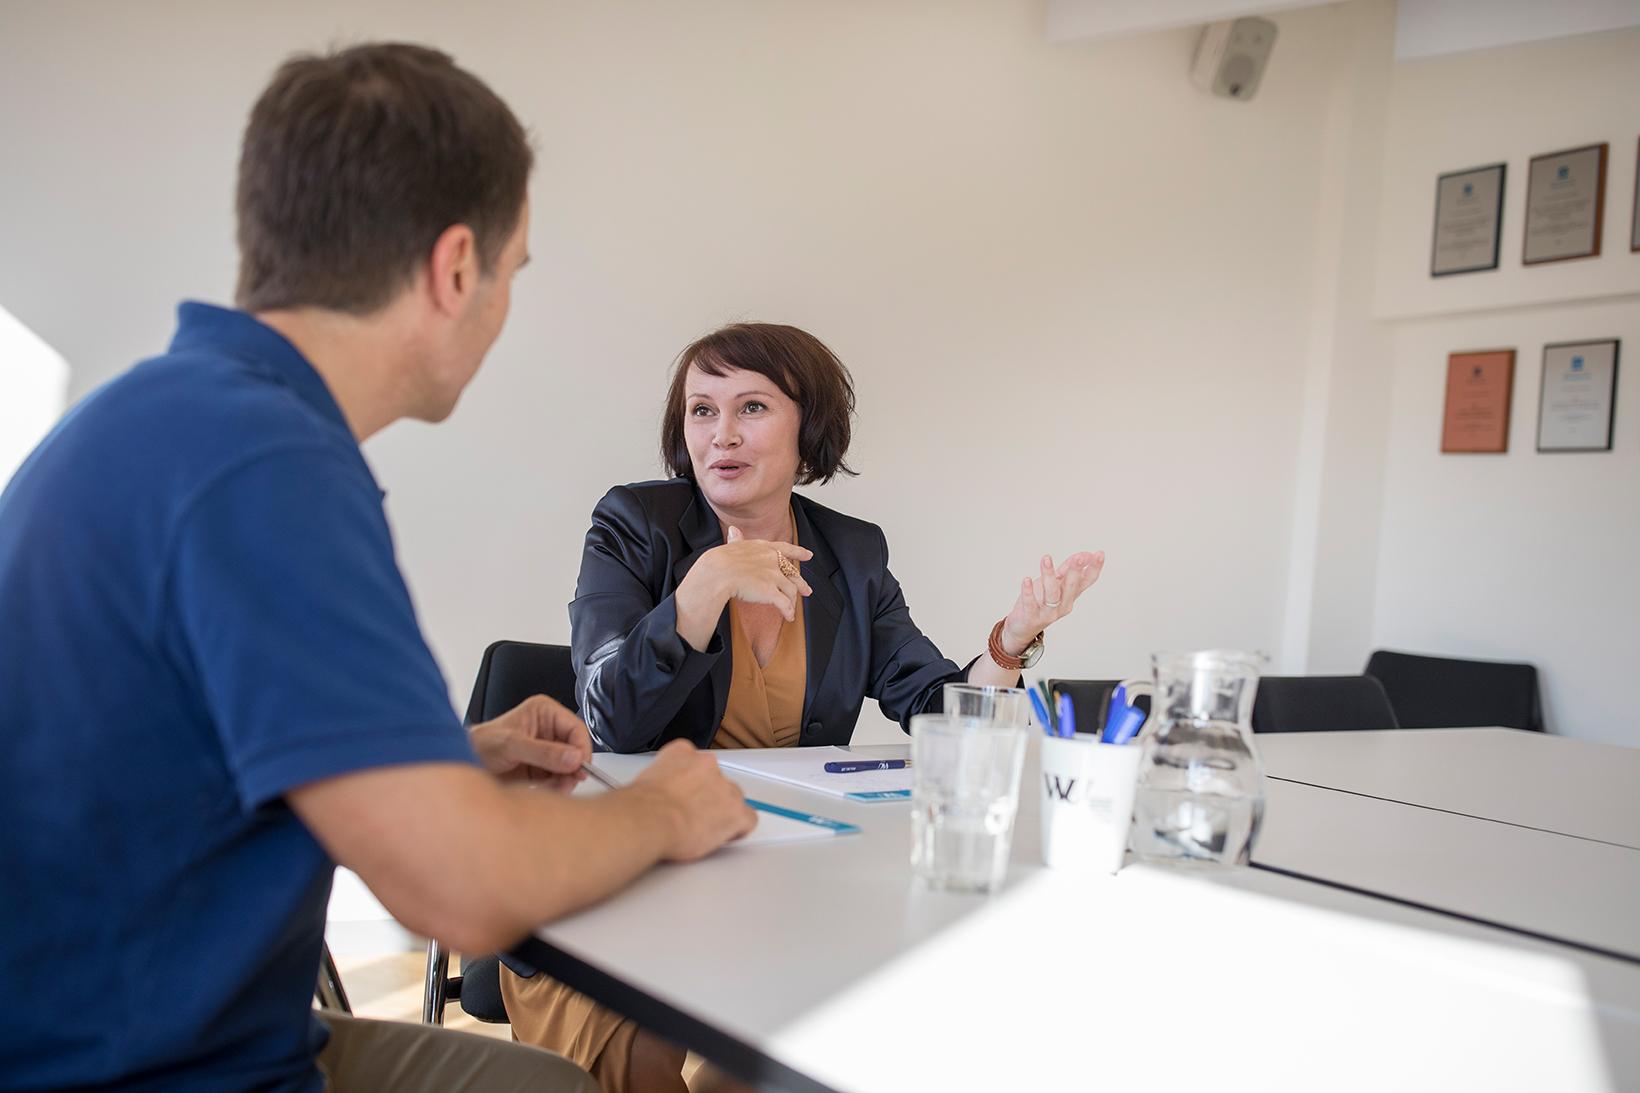 Führungskraft spricht mit Mitarbeiter